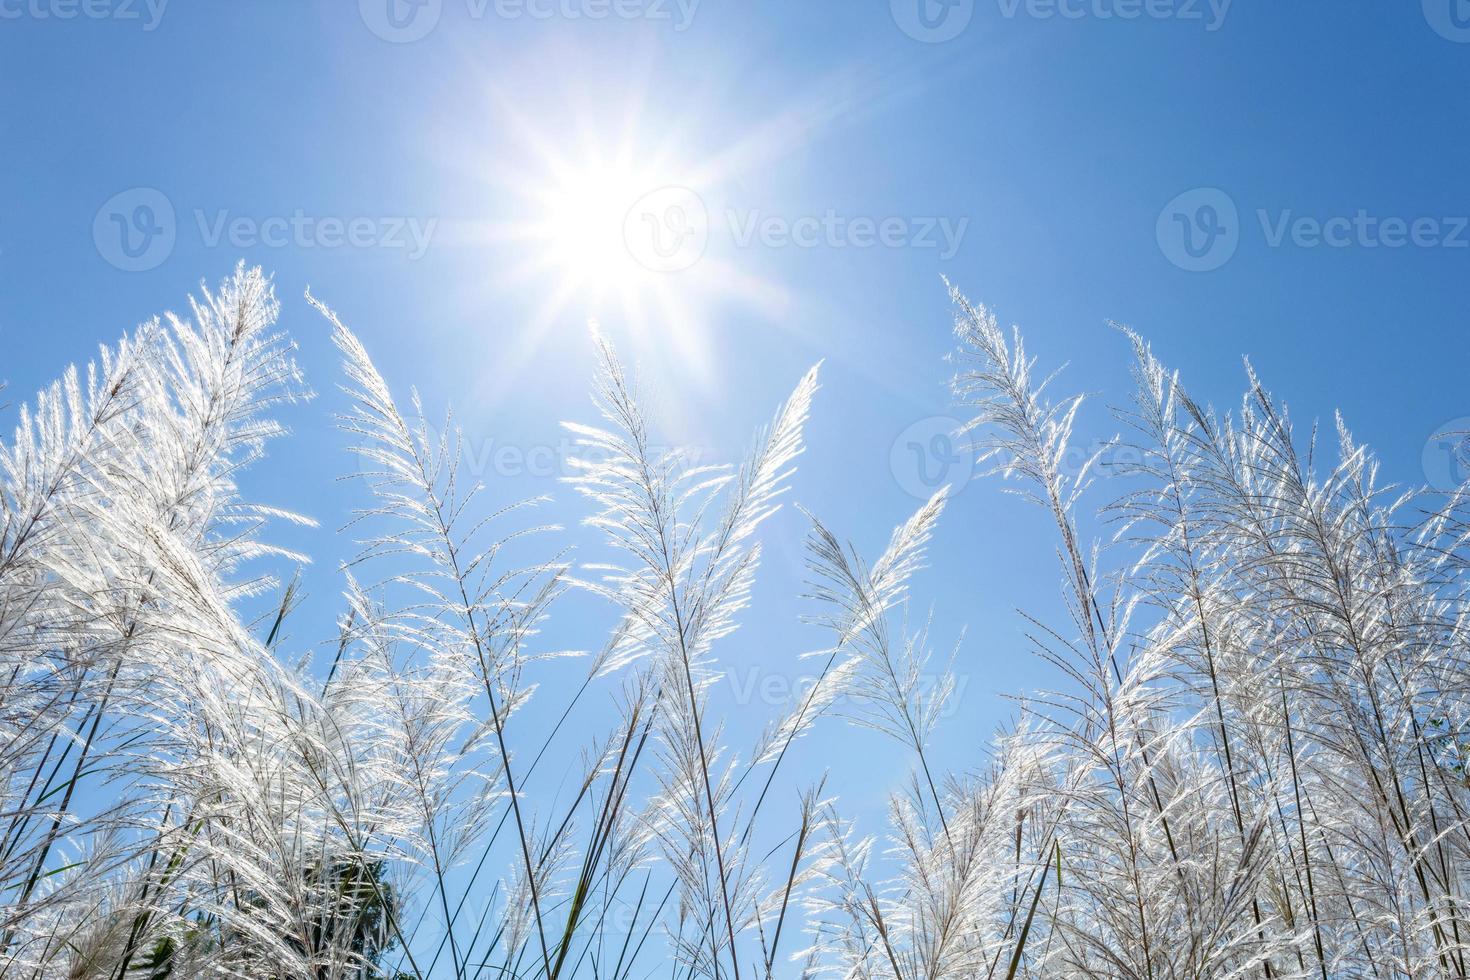 cañas blancas y cielo azul foto